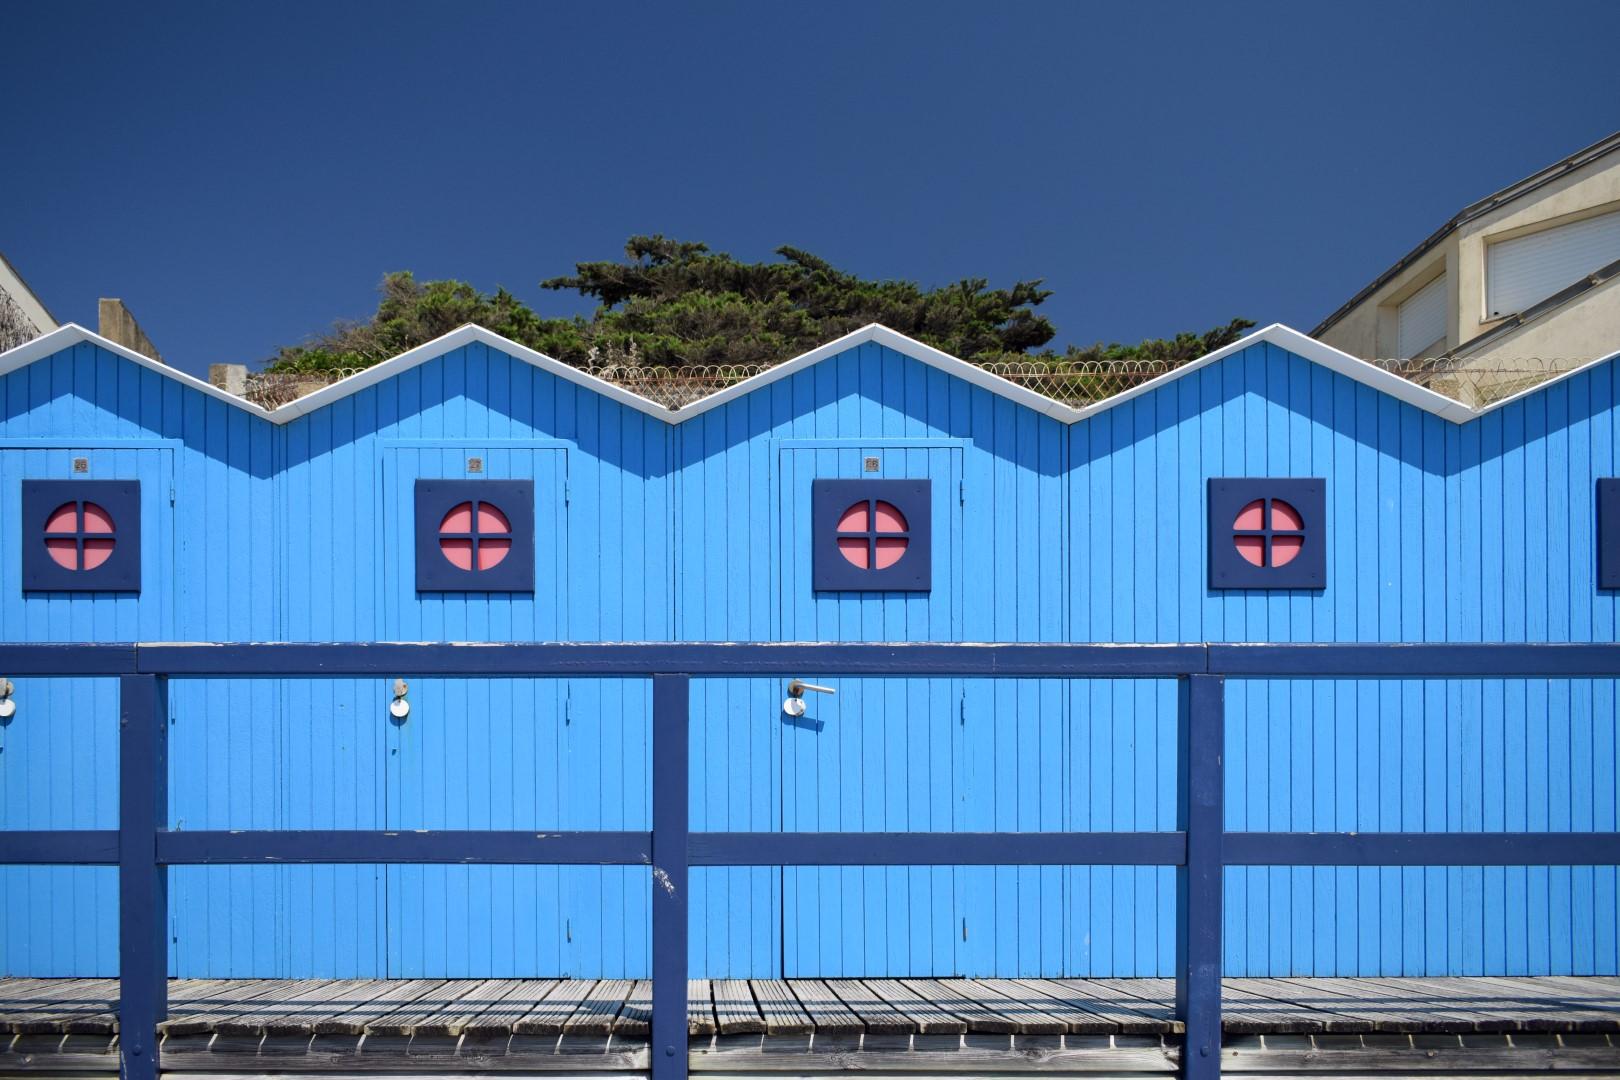 Le remblai, Grande plage, Saint-Gilles-Croix-de-Vie